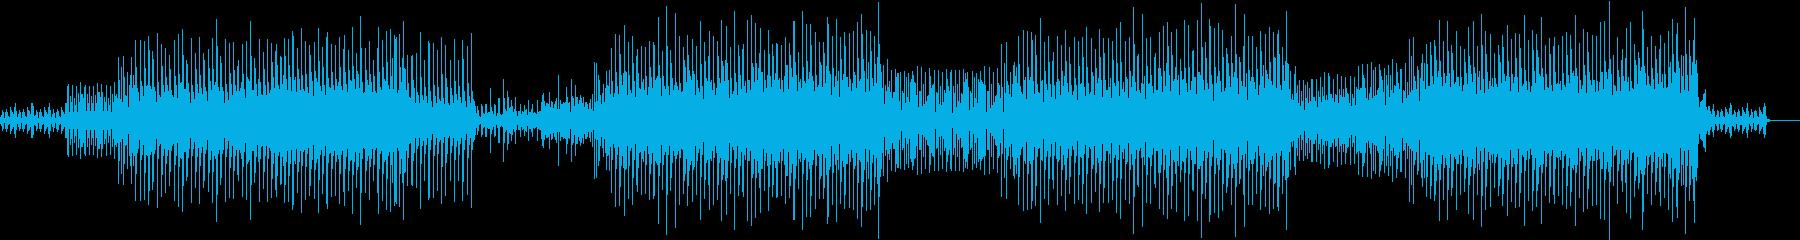 チルアウトレゲエの再生済みの波形